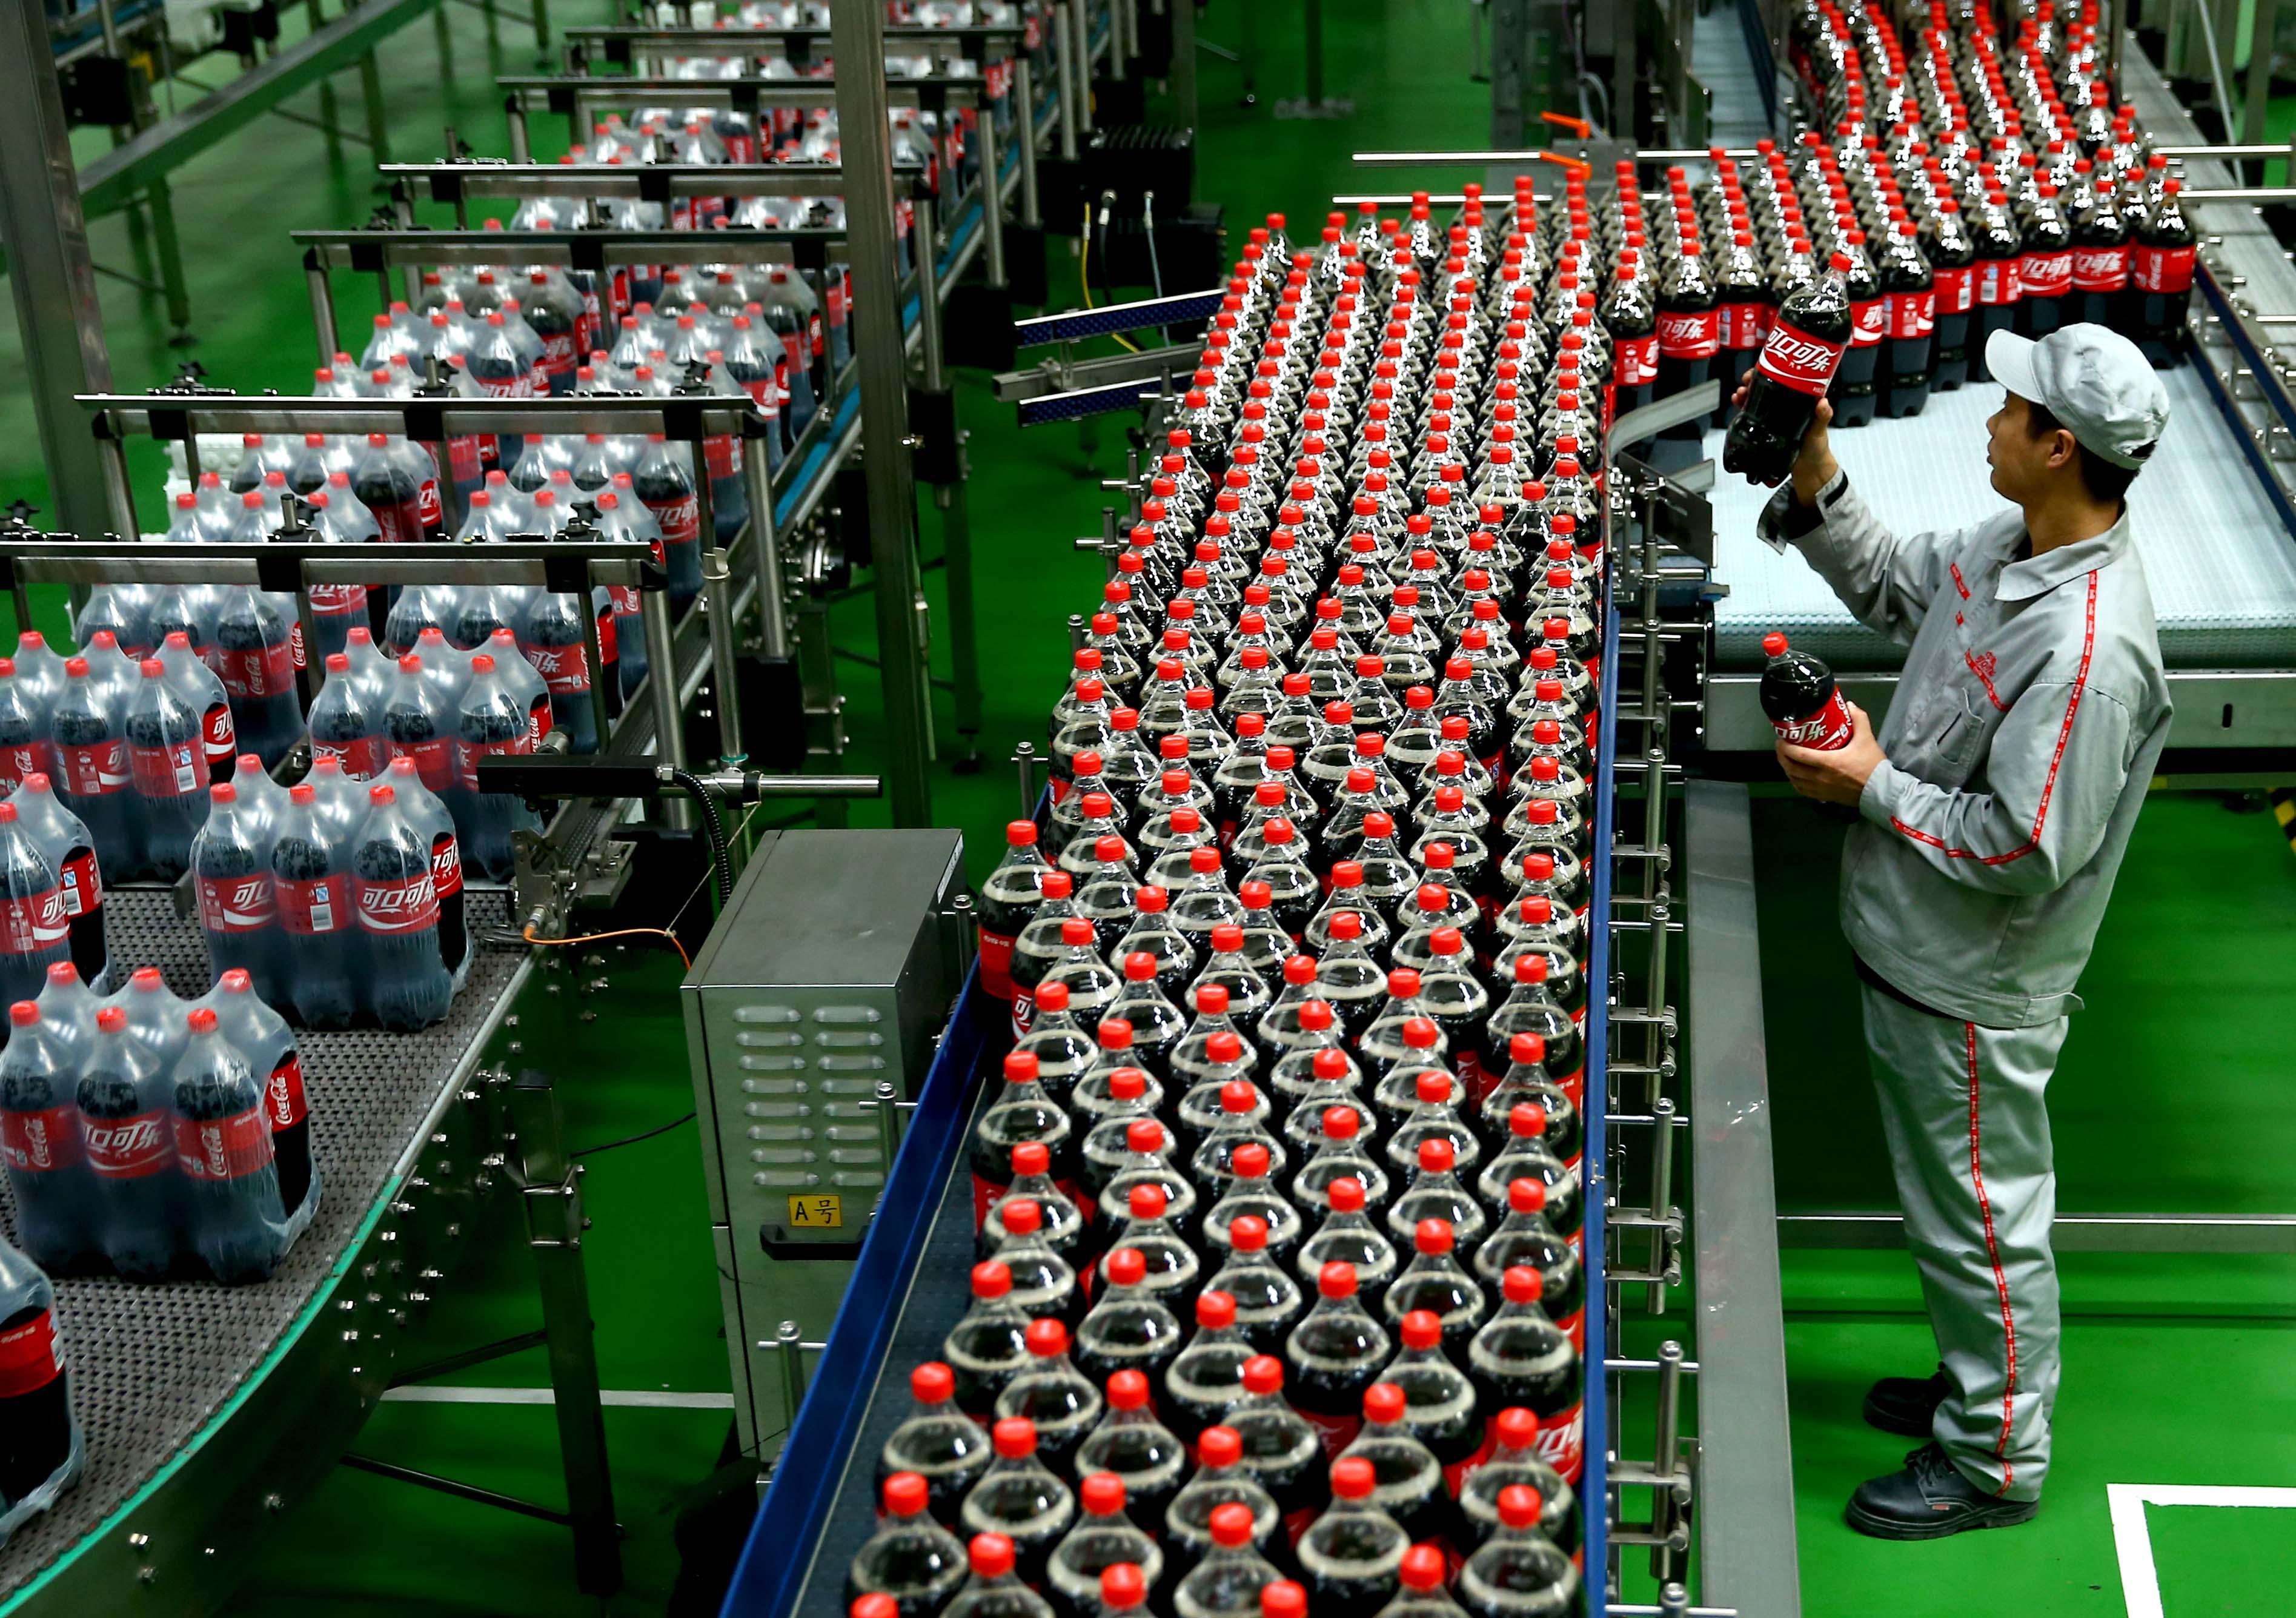 Elfogyott a víz az ausztrál iskolából, mert kitermeli a Coca-Cola